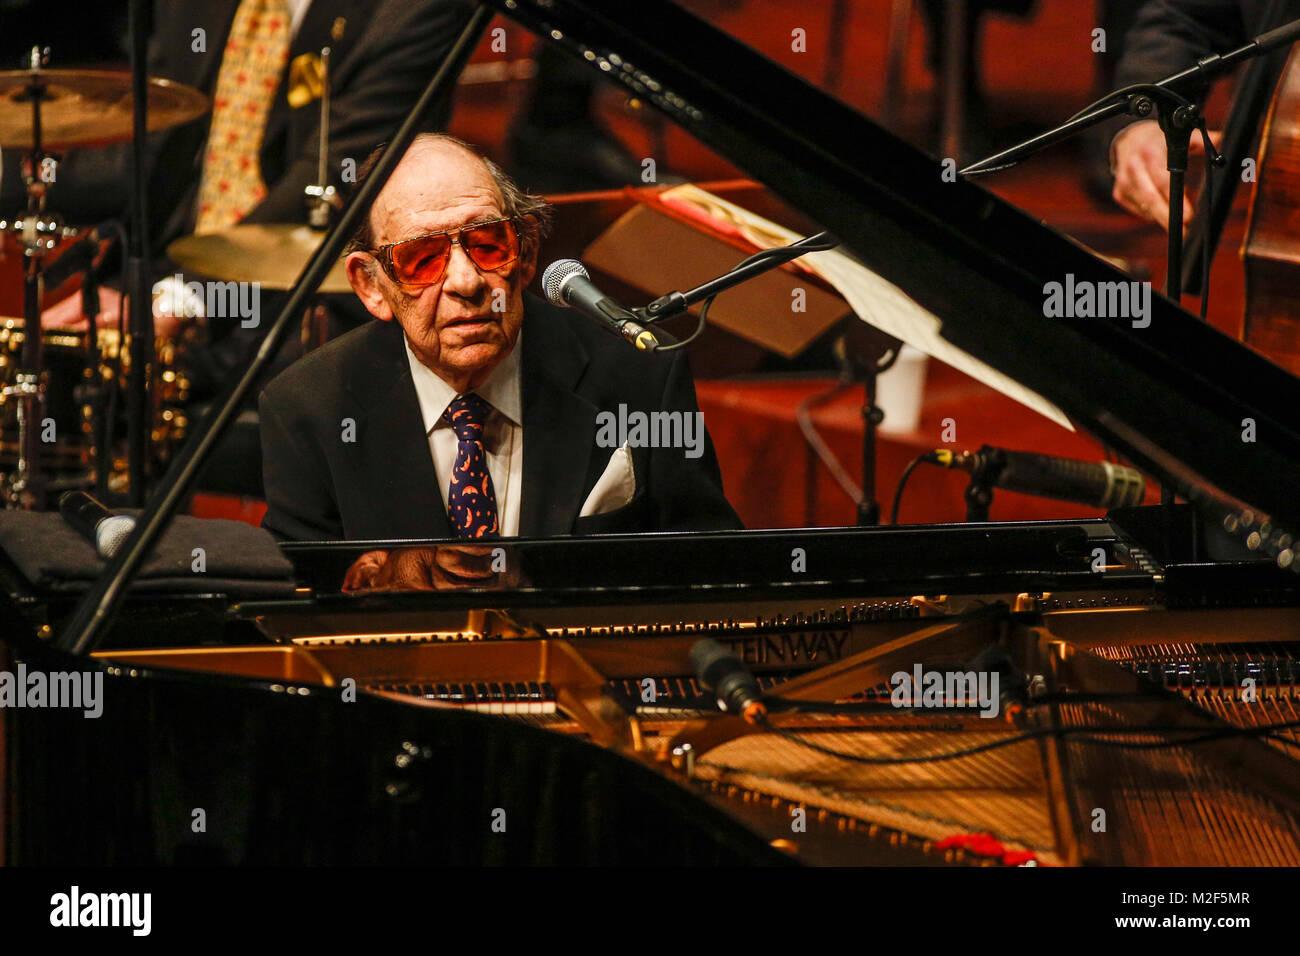 Anlässlich seines 85. Geburtstags am 12. März 2013 gibt der deutsche Pianist, Sänger und Bandleader Paul Kuhn am Stock Photo